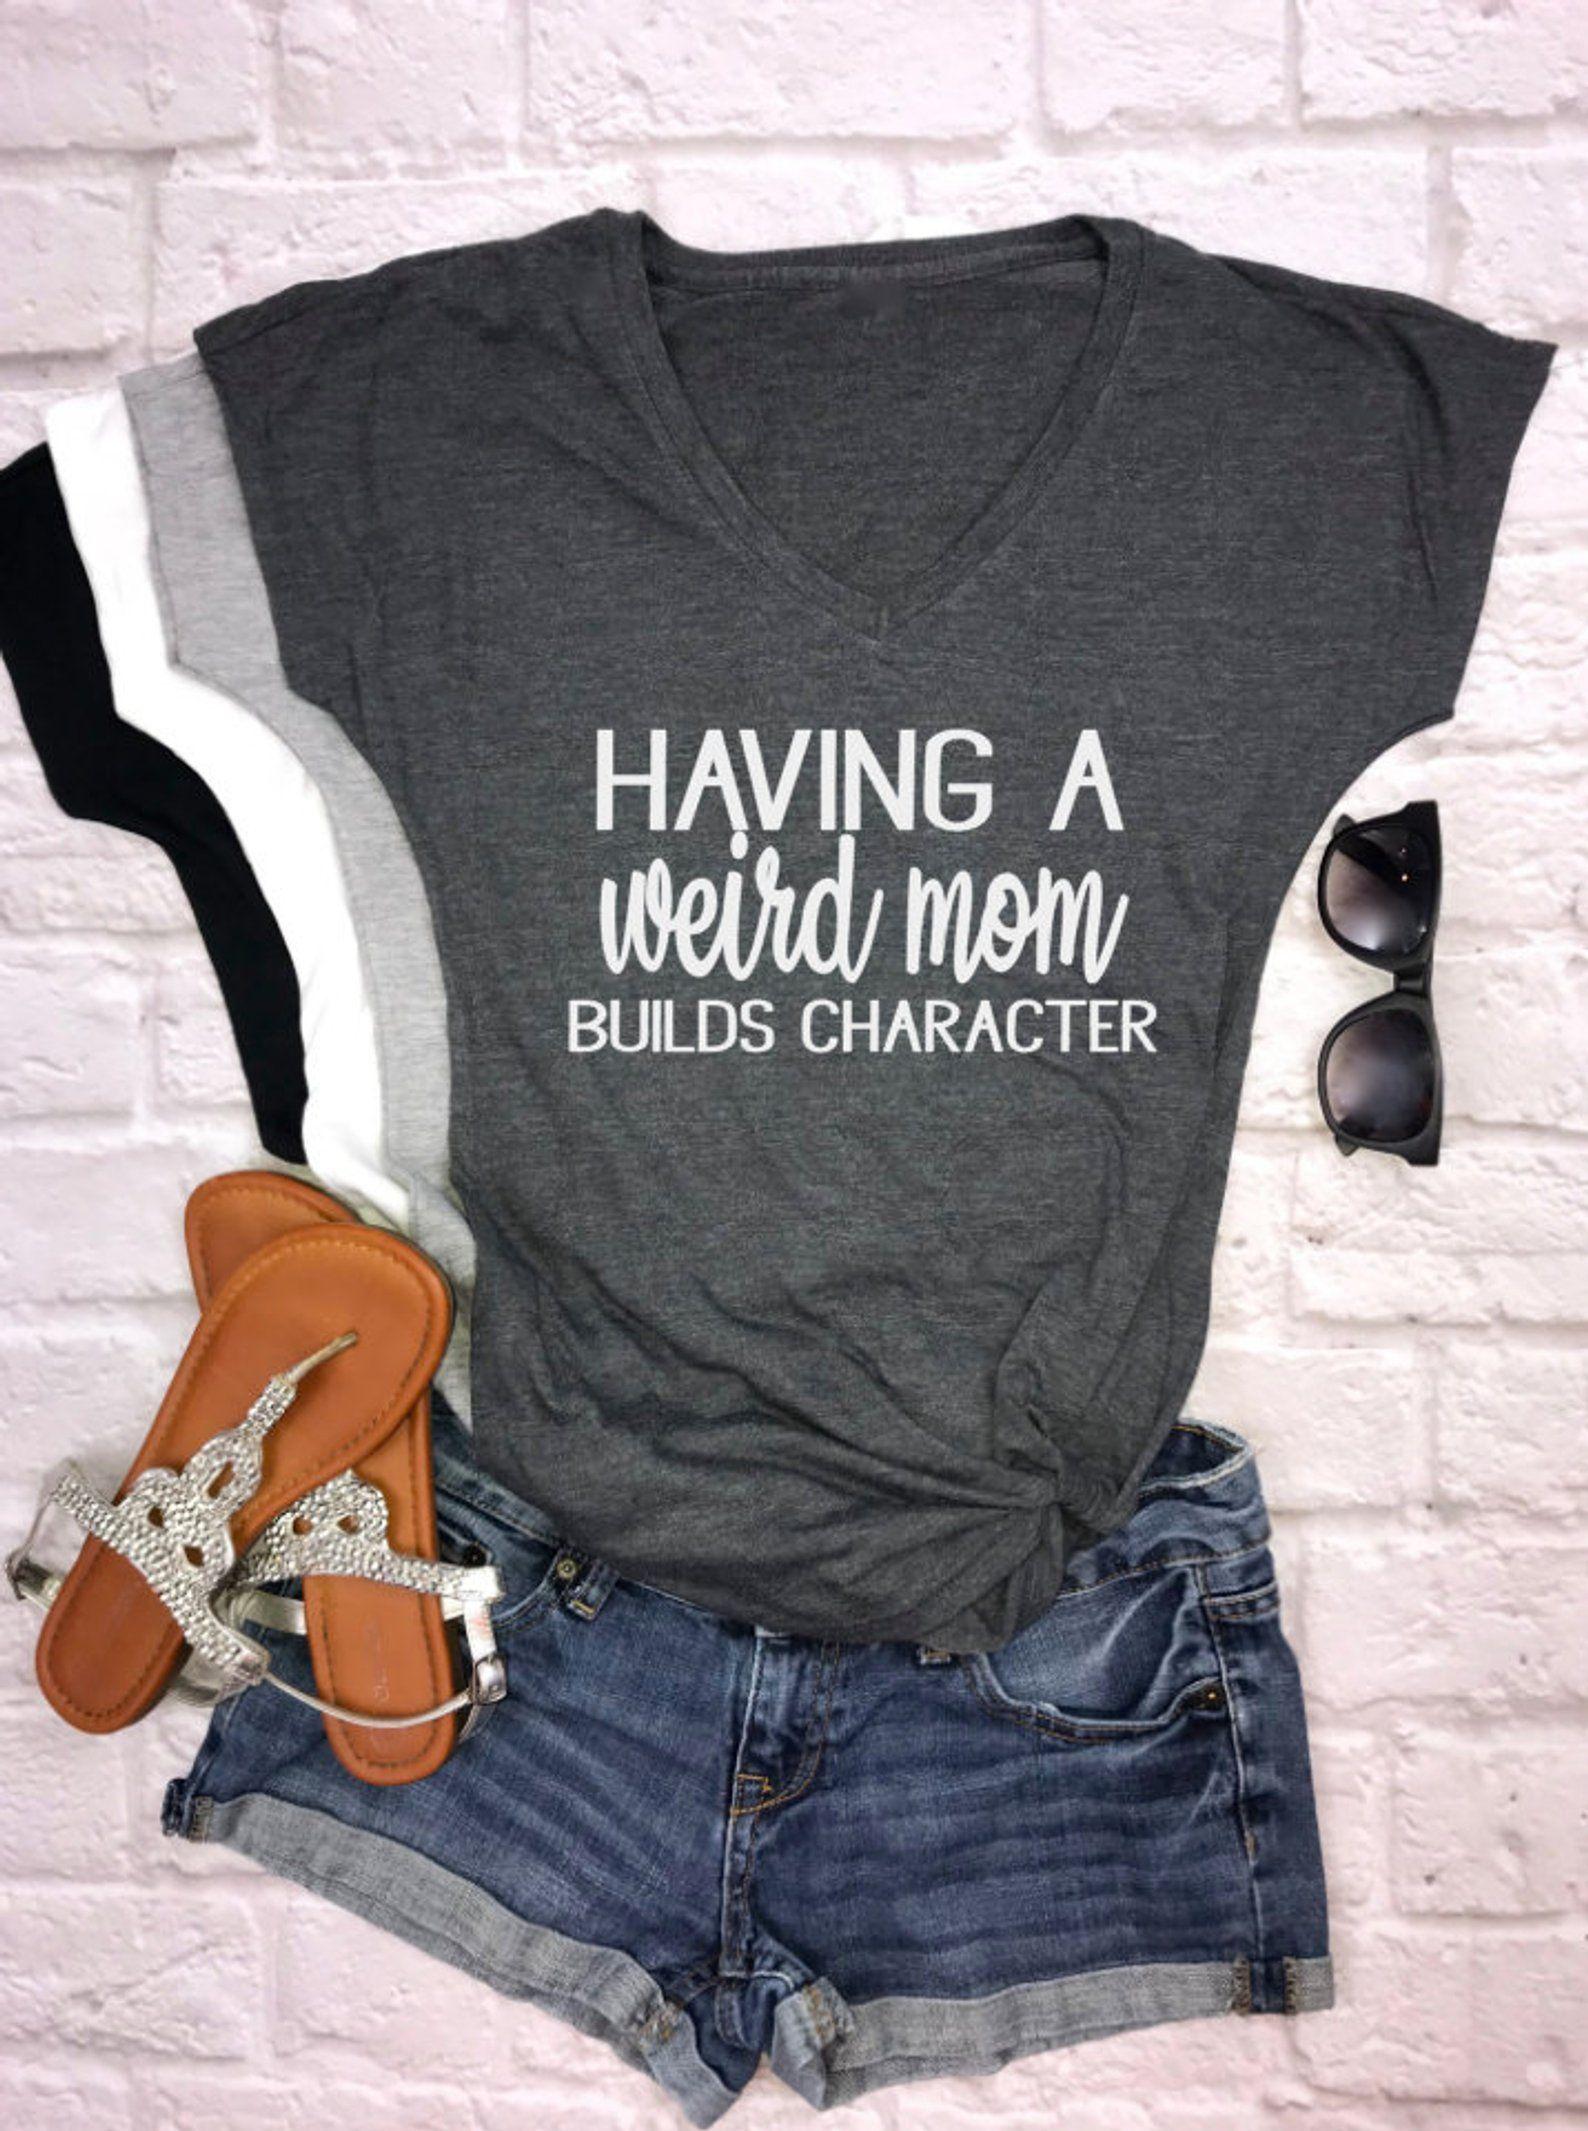 Funny Mom Shirt Funny Tshirts With Sayings Funny Mom Tshirt Etsy Funny Mom Shirts Mom Shirts Mom Shirt Gift